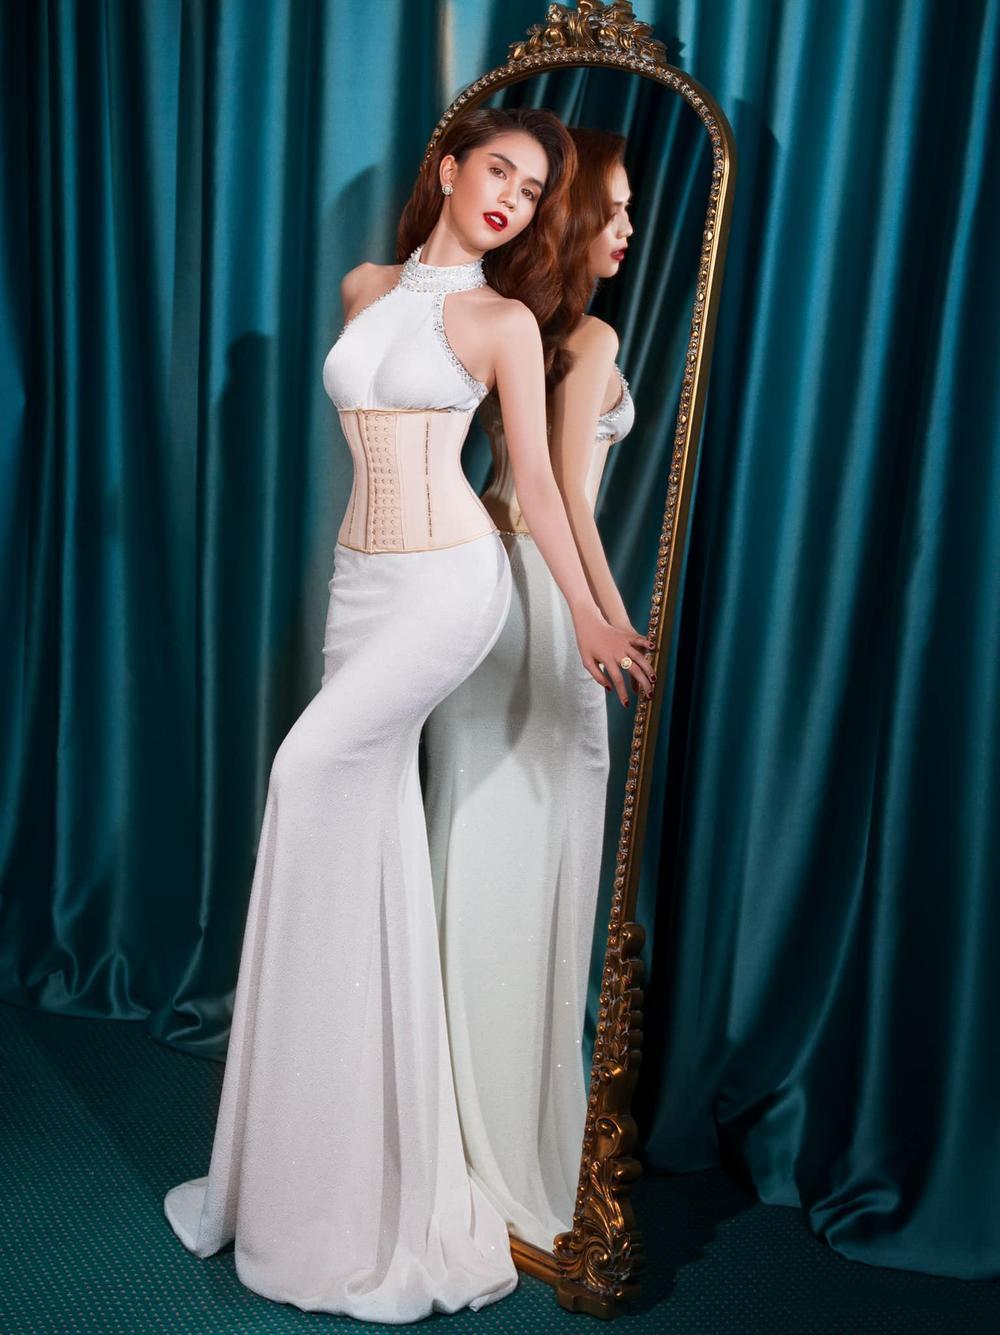 'Nữ hoàng nội y' Ngọc Trinh diện váy corset khoe body đồng hồ cát vạn người mê Ảnh 1